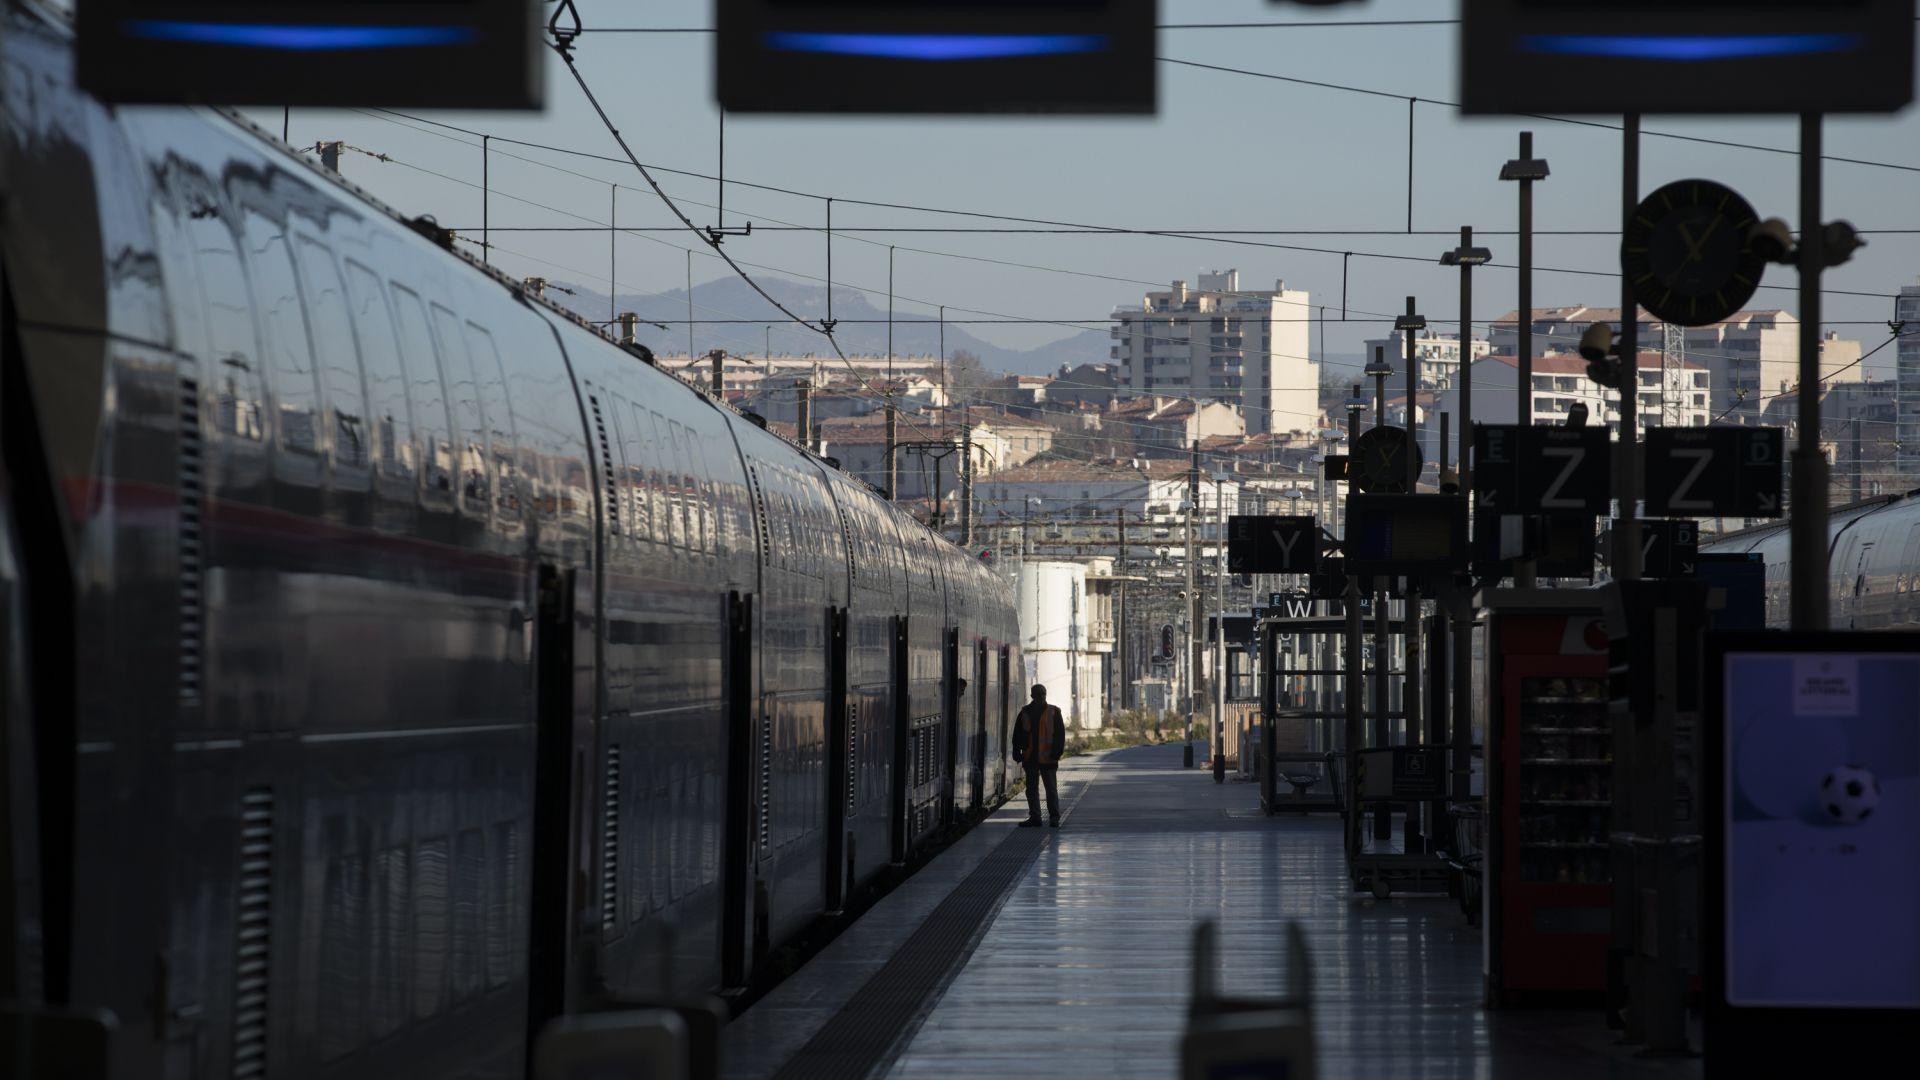 Пенсионните реформи във Франция ще бъдат прилагани постепенно, а обществените